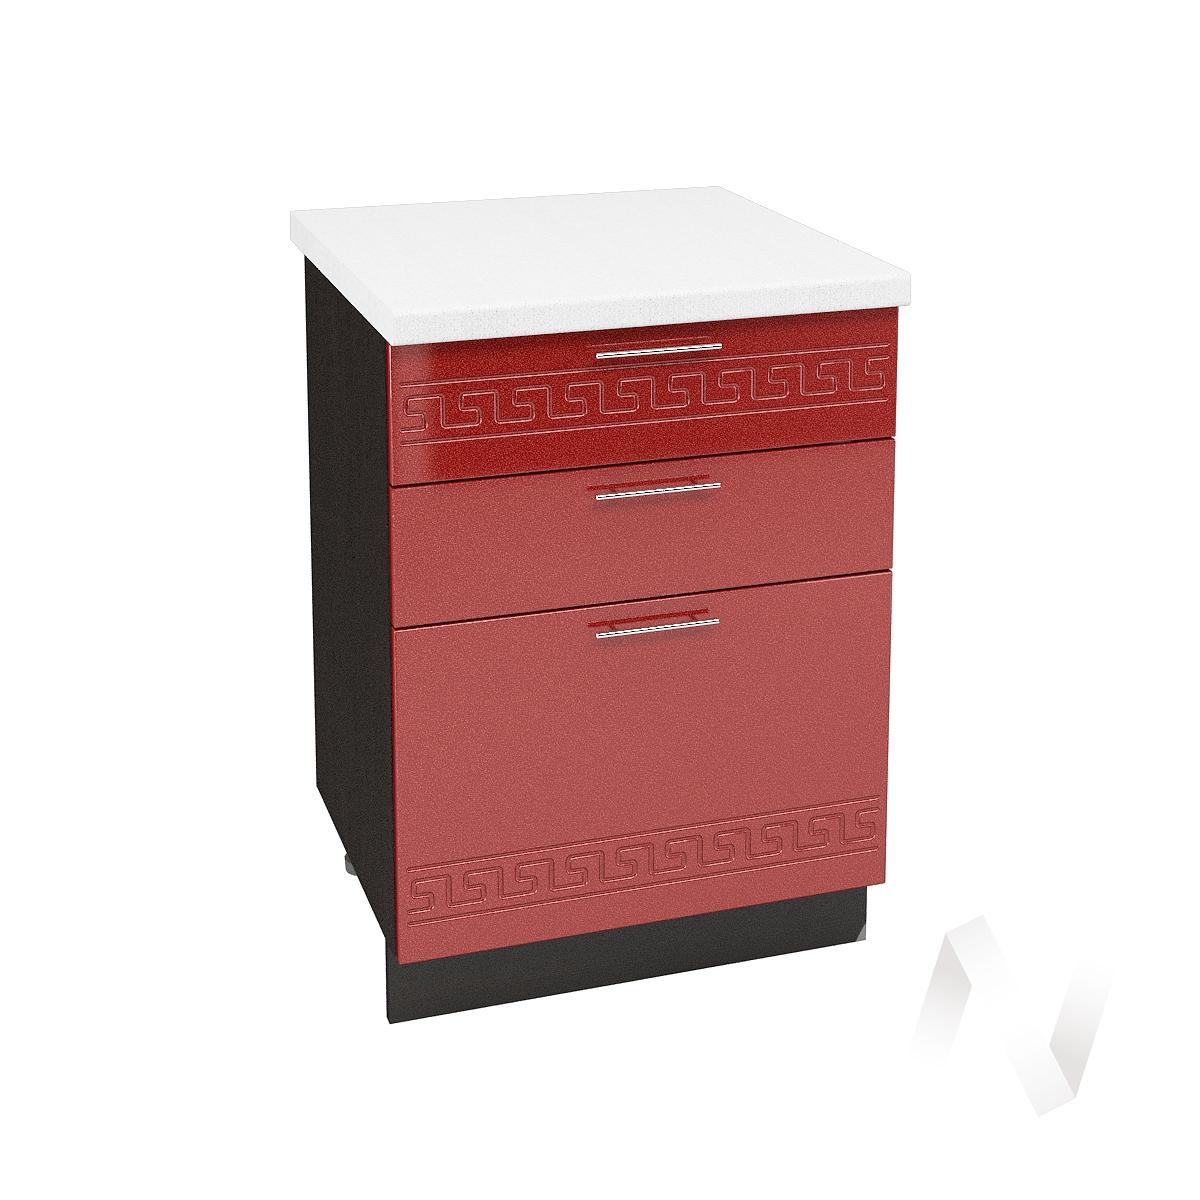 """Кухня """"Греция"""": Шкаф нижний с 3-мя ящиками 600, ШН3Я 600 (гранатовый металлик/корпус венге)"""